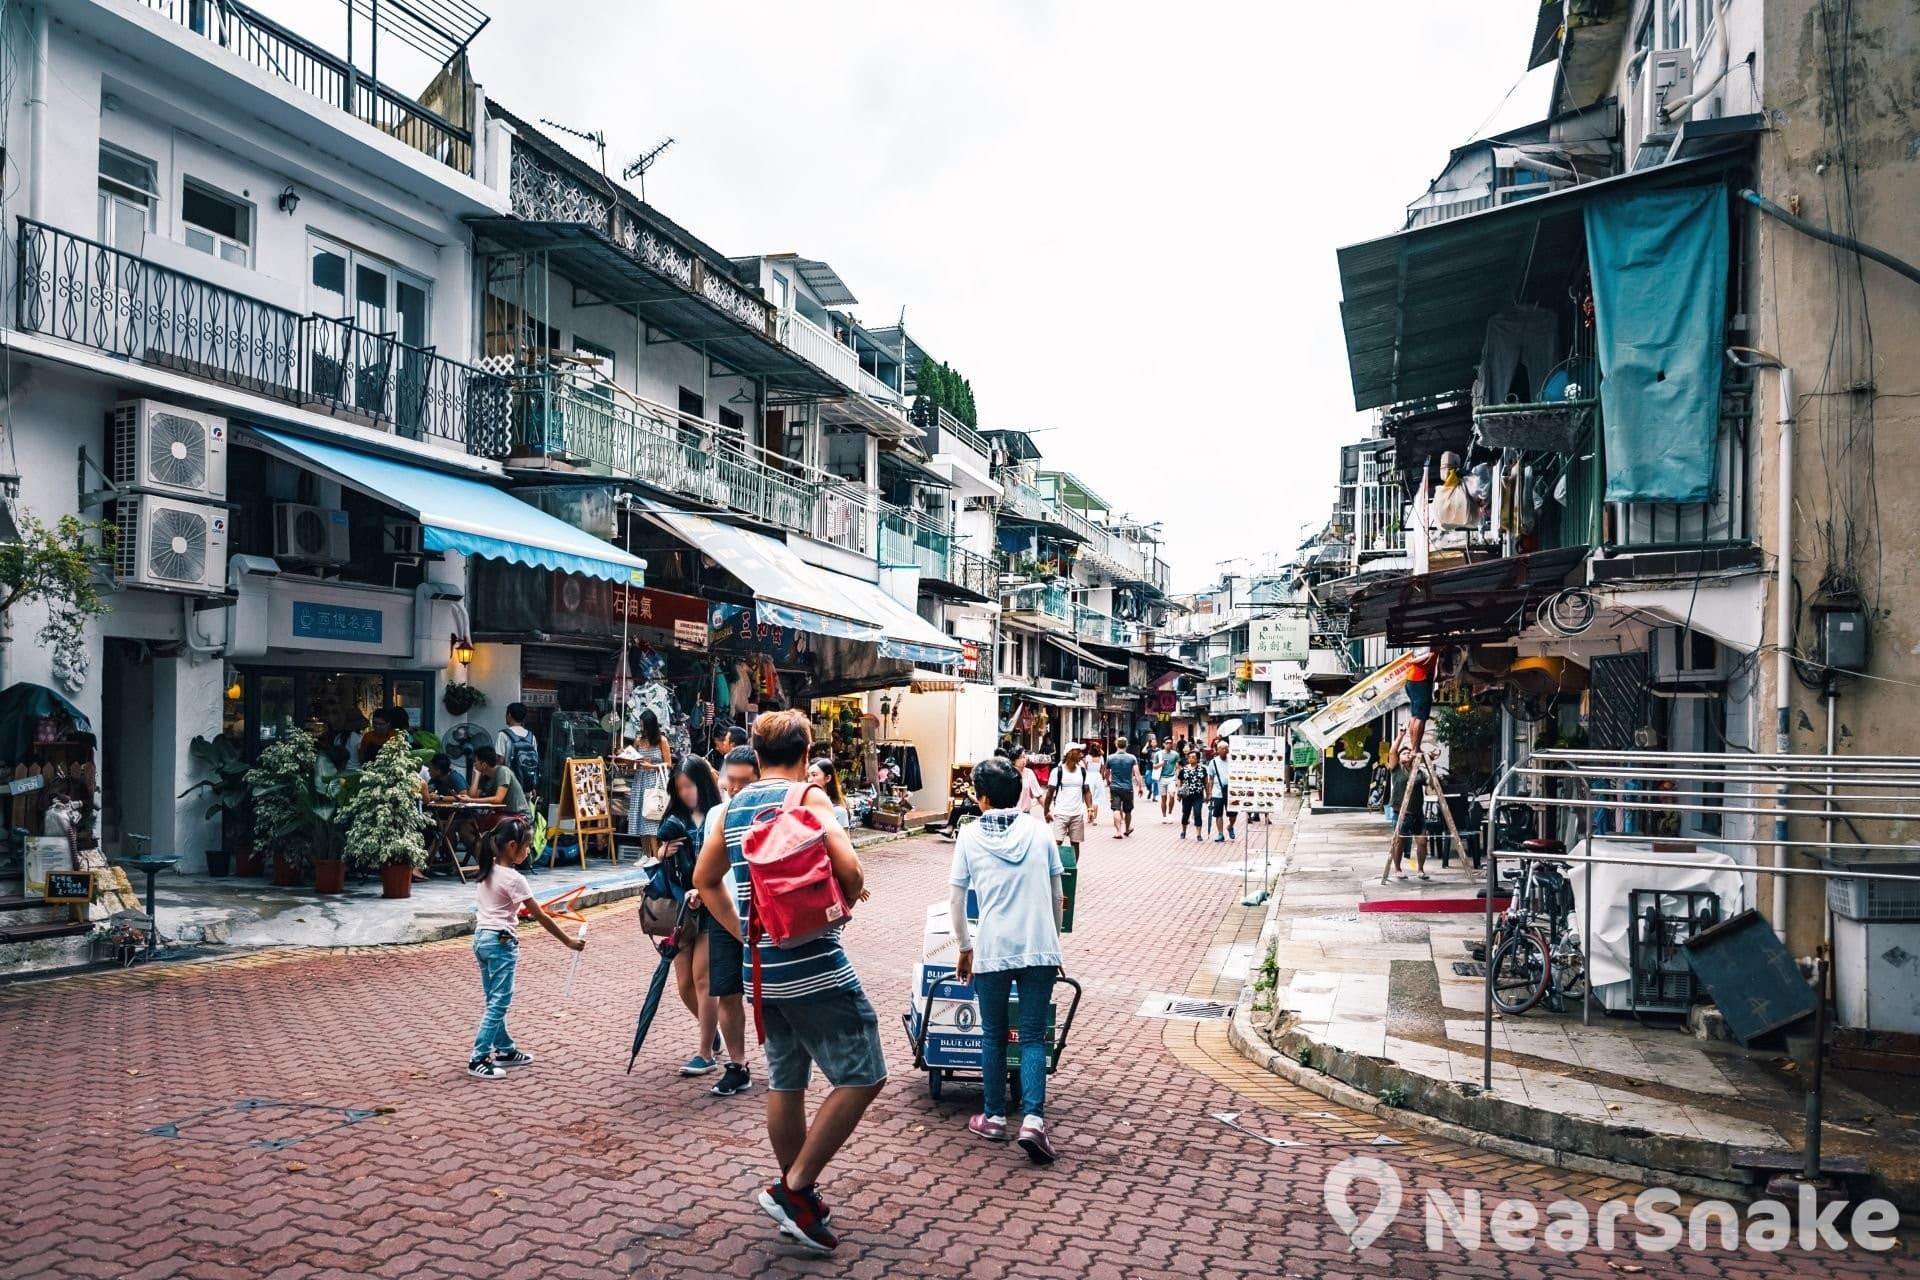 大家鑽進西貢市的小巷遊走,可看到民眾輕鬆地在街頭散步,又或坐在街邊的太陽傘下品嘗咖啡和看書,四周充滿著閒適的小鎮風情。